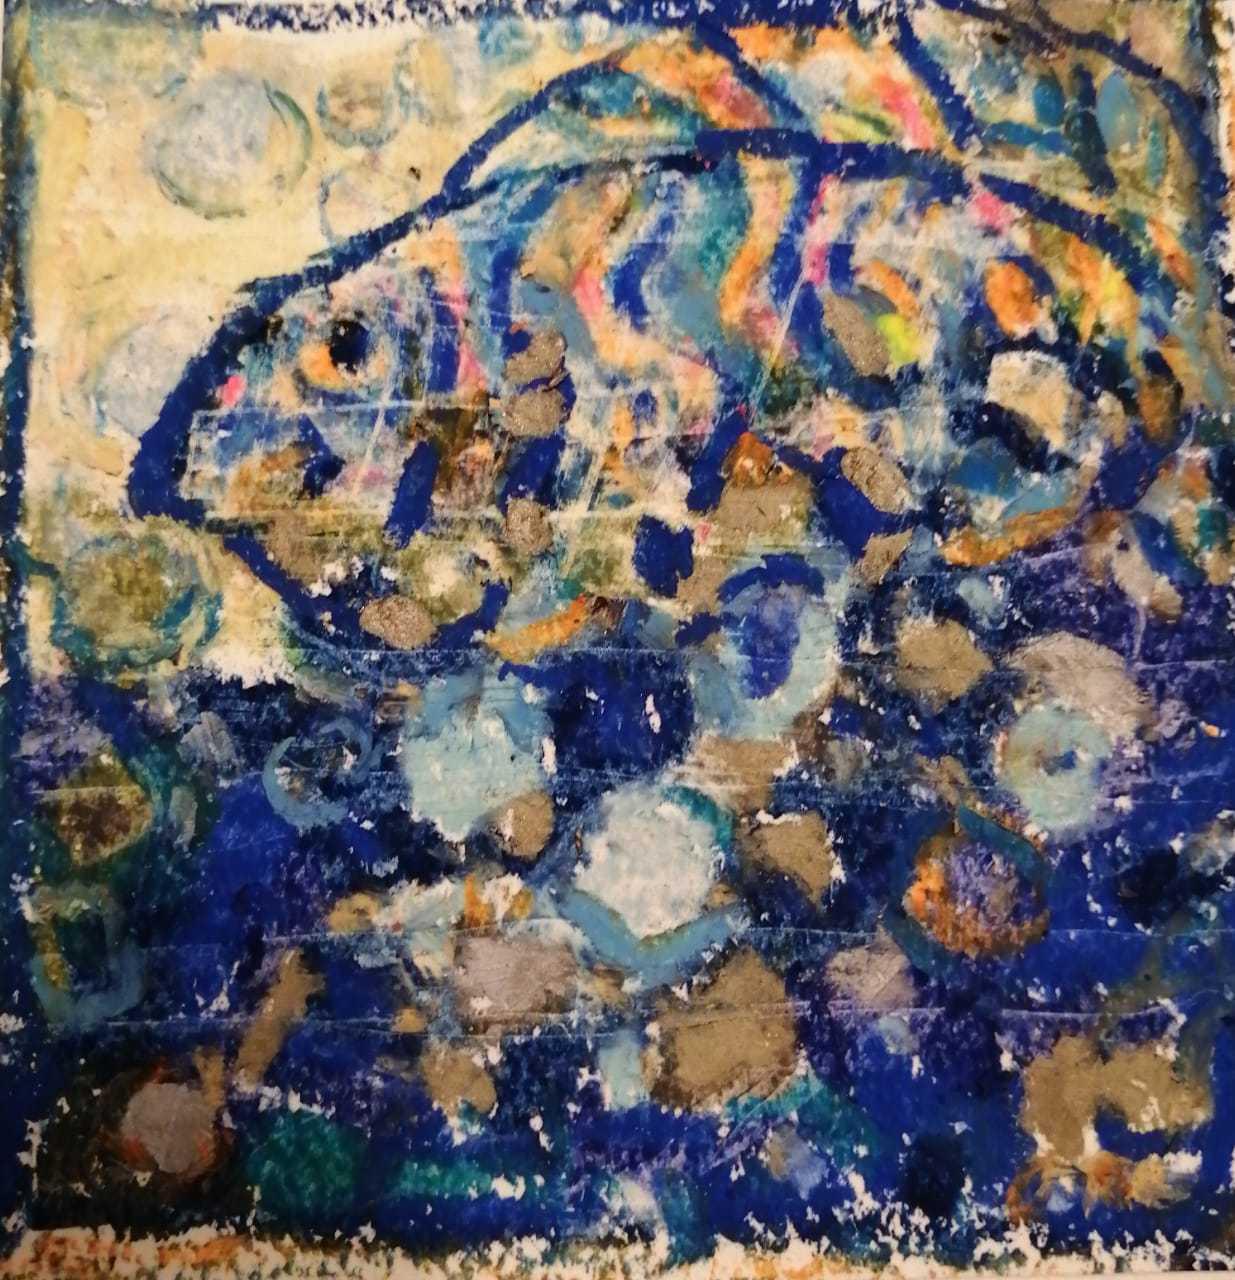 Макарова Ольга / тема «Мелодия»: песня «Рыбка Золотая» Е. Ваенга / масляная пастель